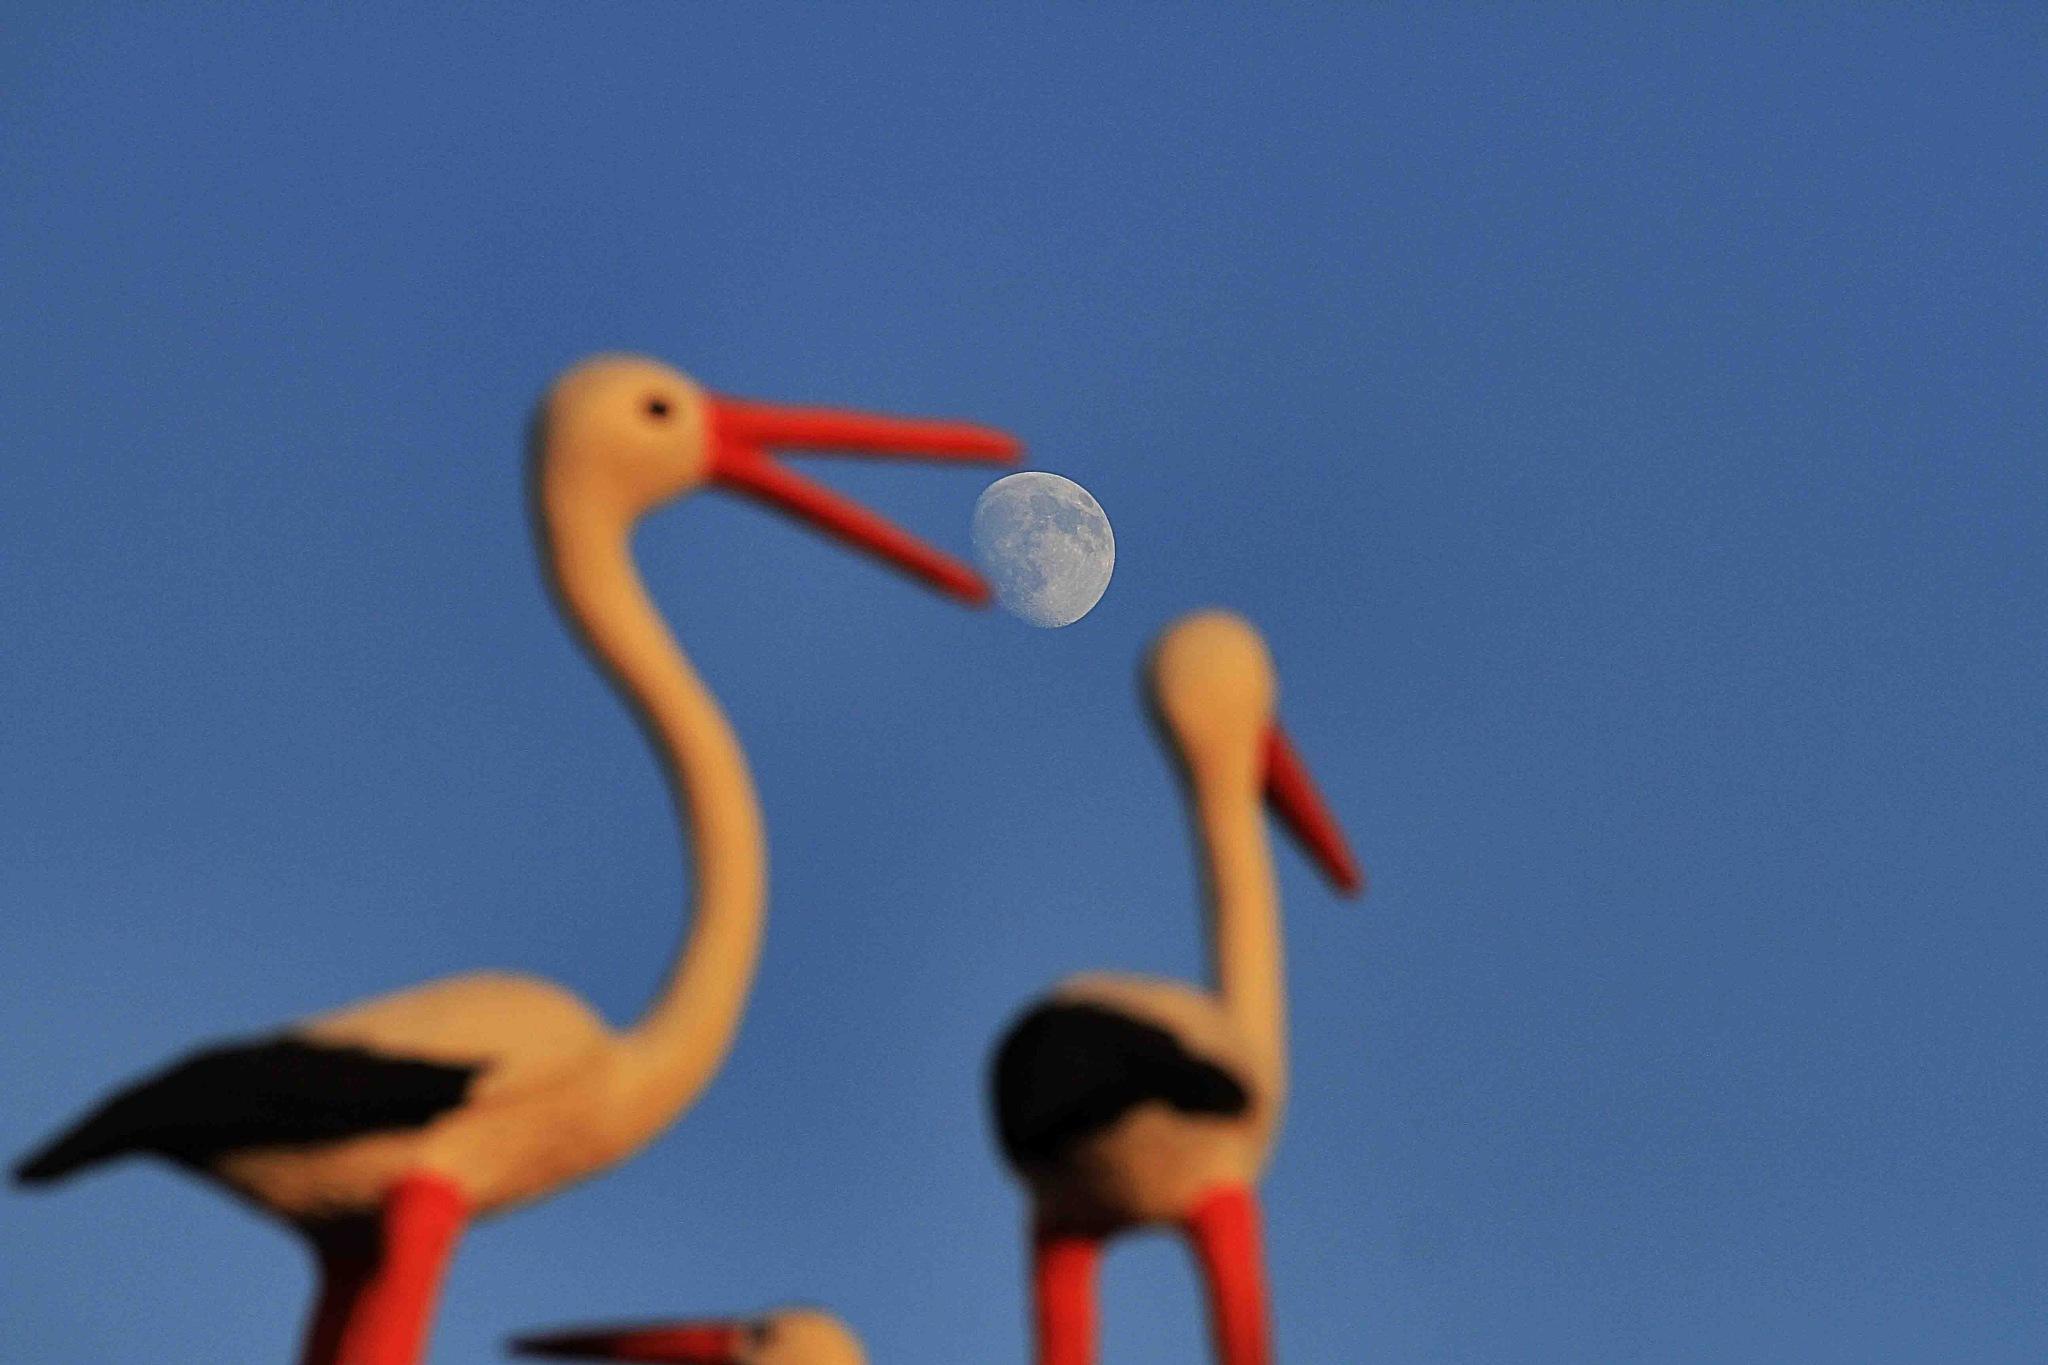 ماه در دهان by kavoshihs